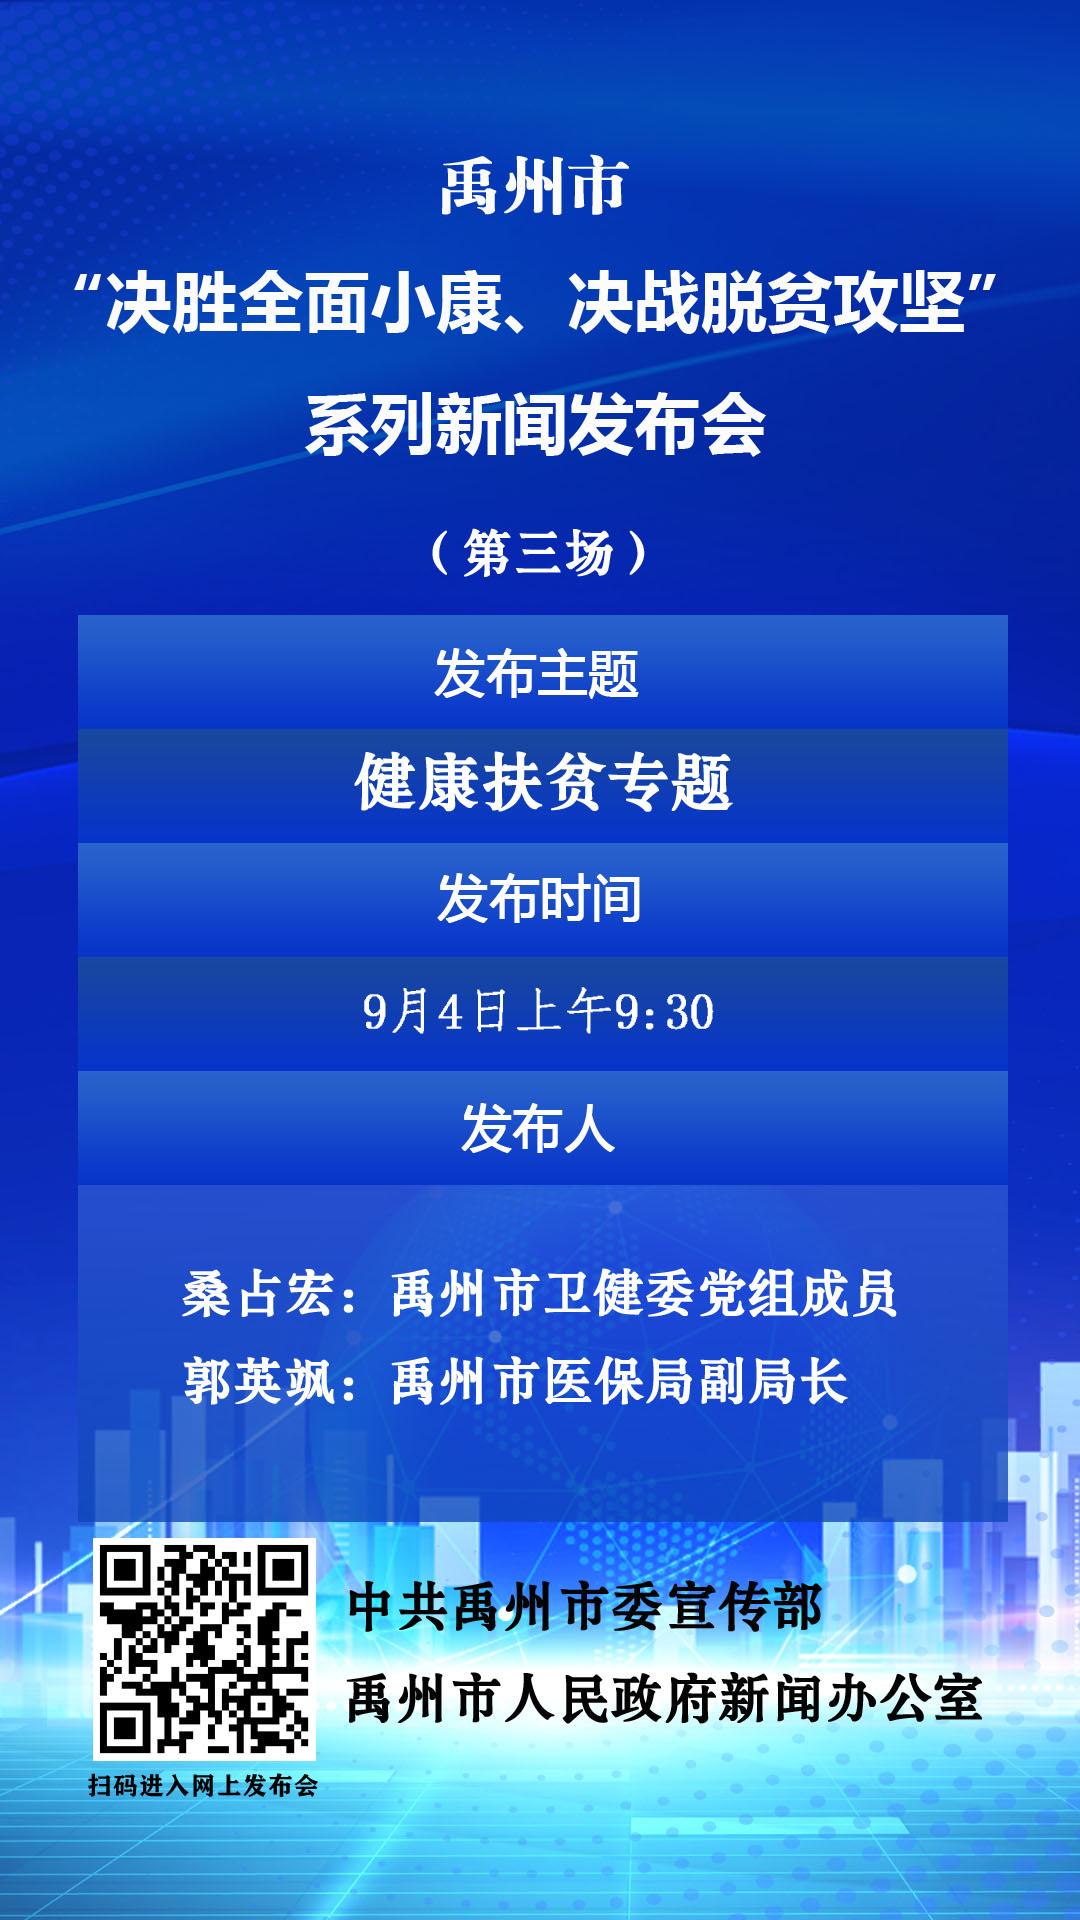 3扶贫新闻发布会9-16.jpg